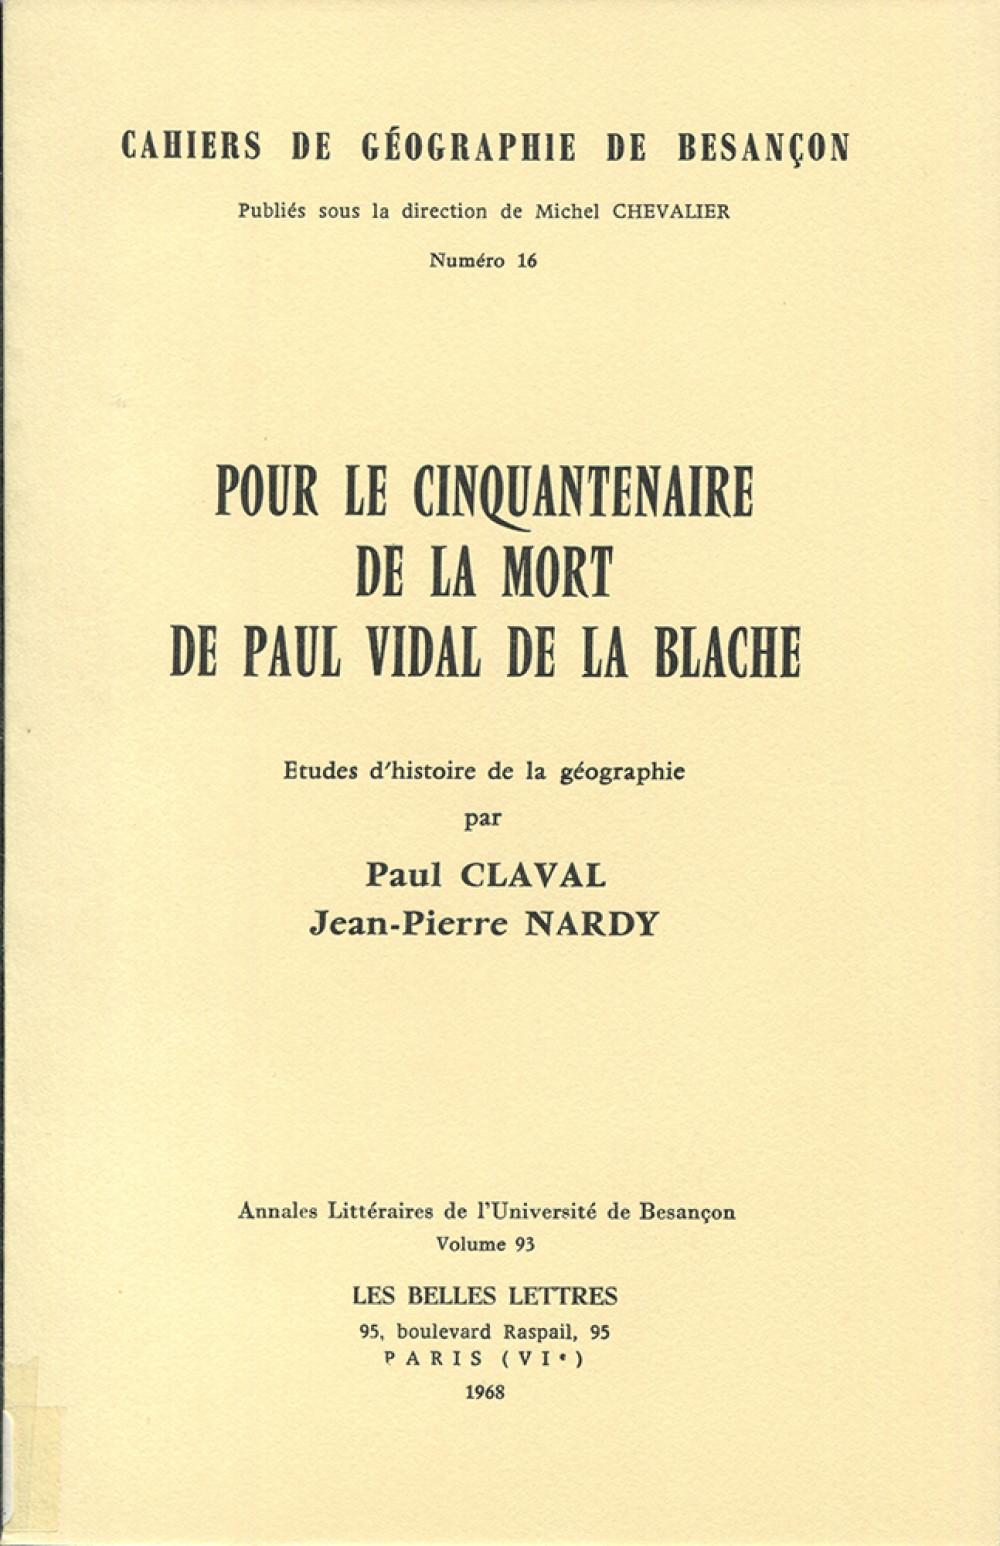 Pour le cinquantenaire de la mort de Paul Vidal de la Blache